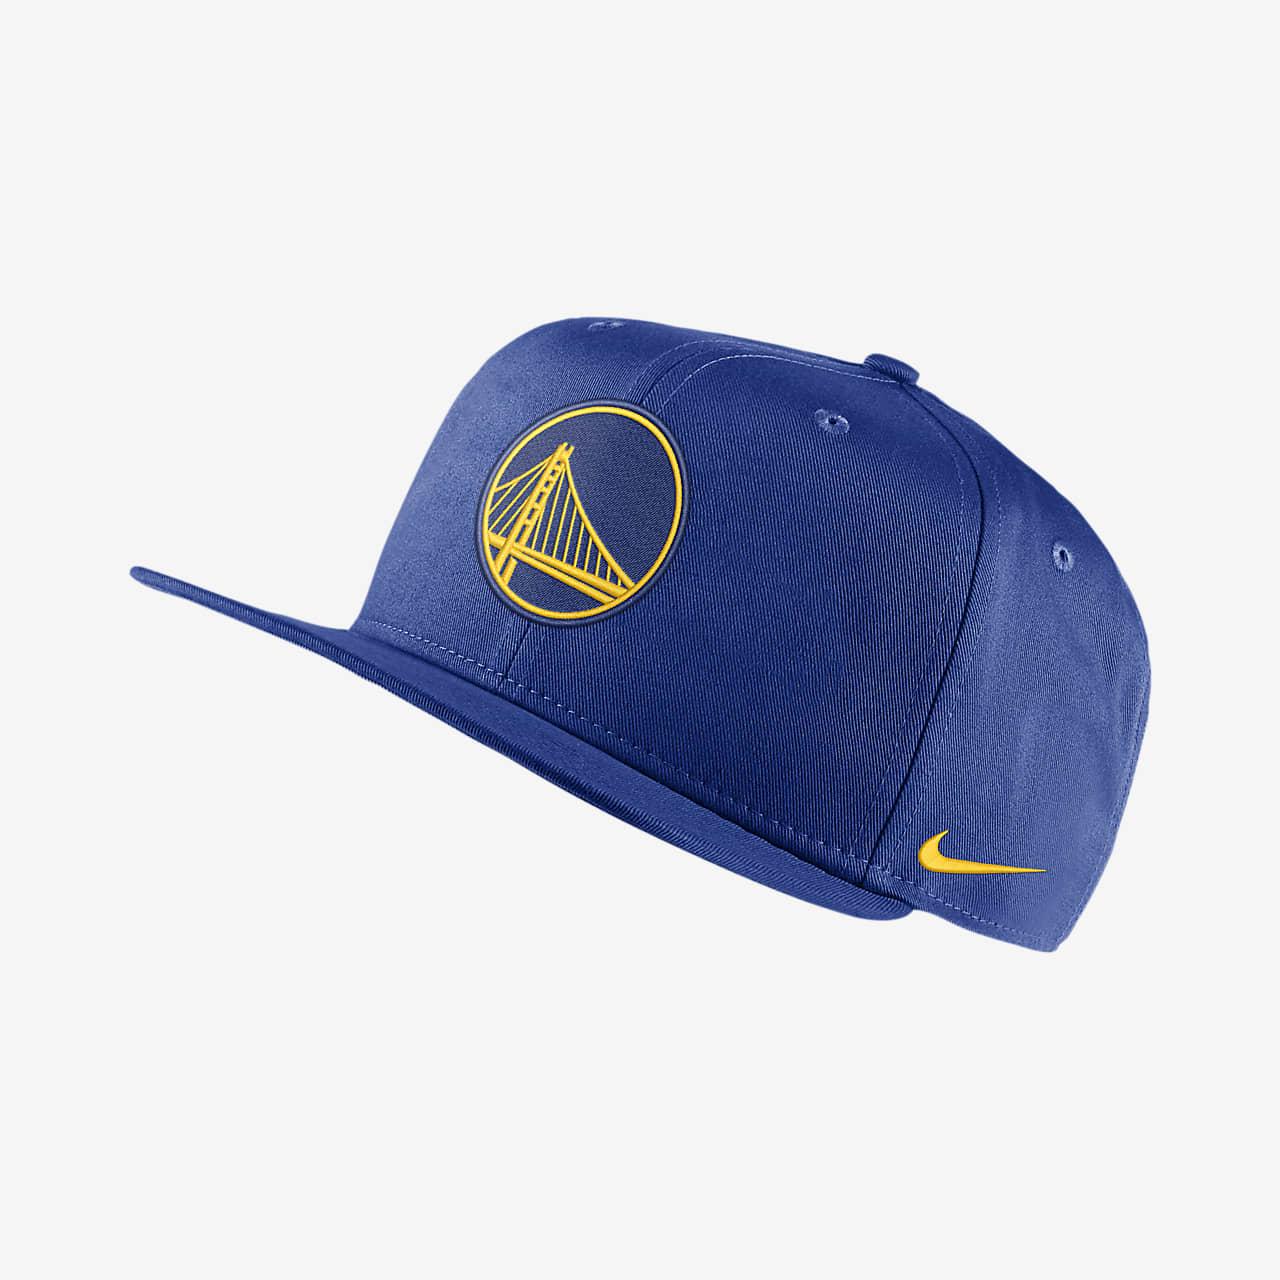 Golden State Warriors Nike Pro NBA Cap